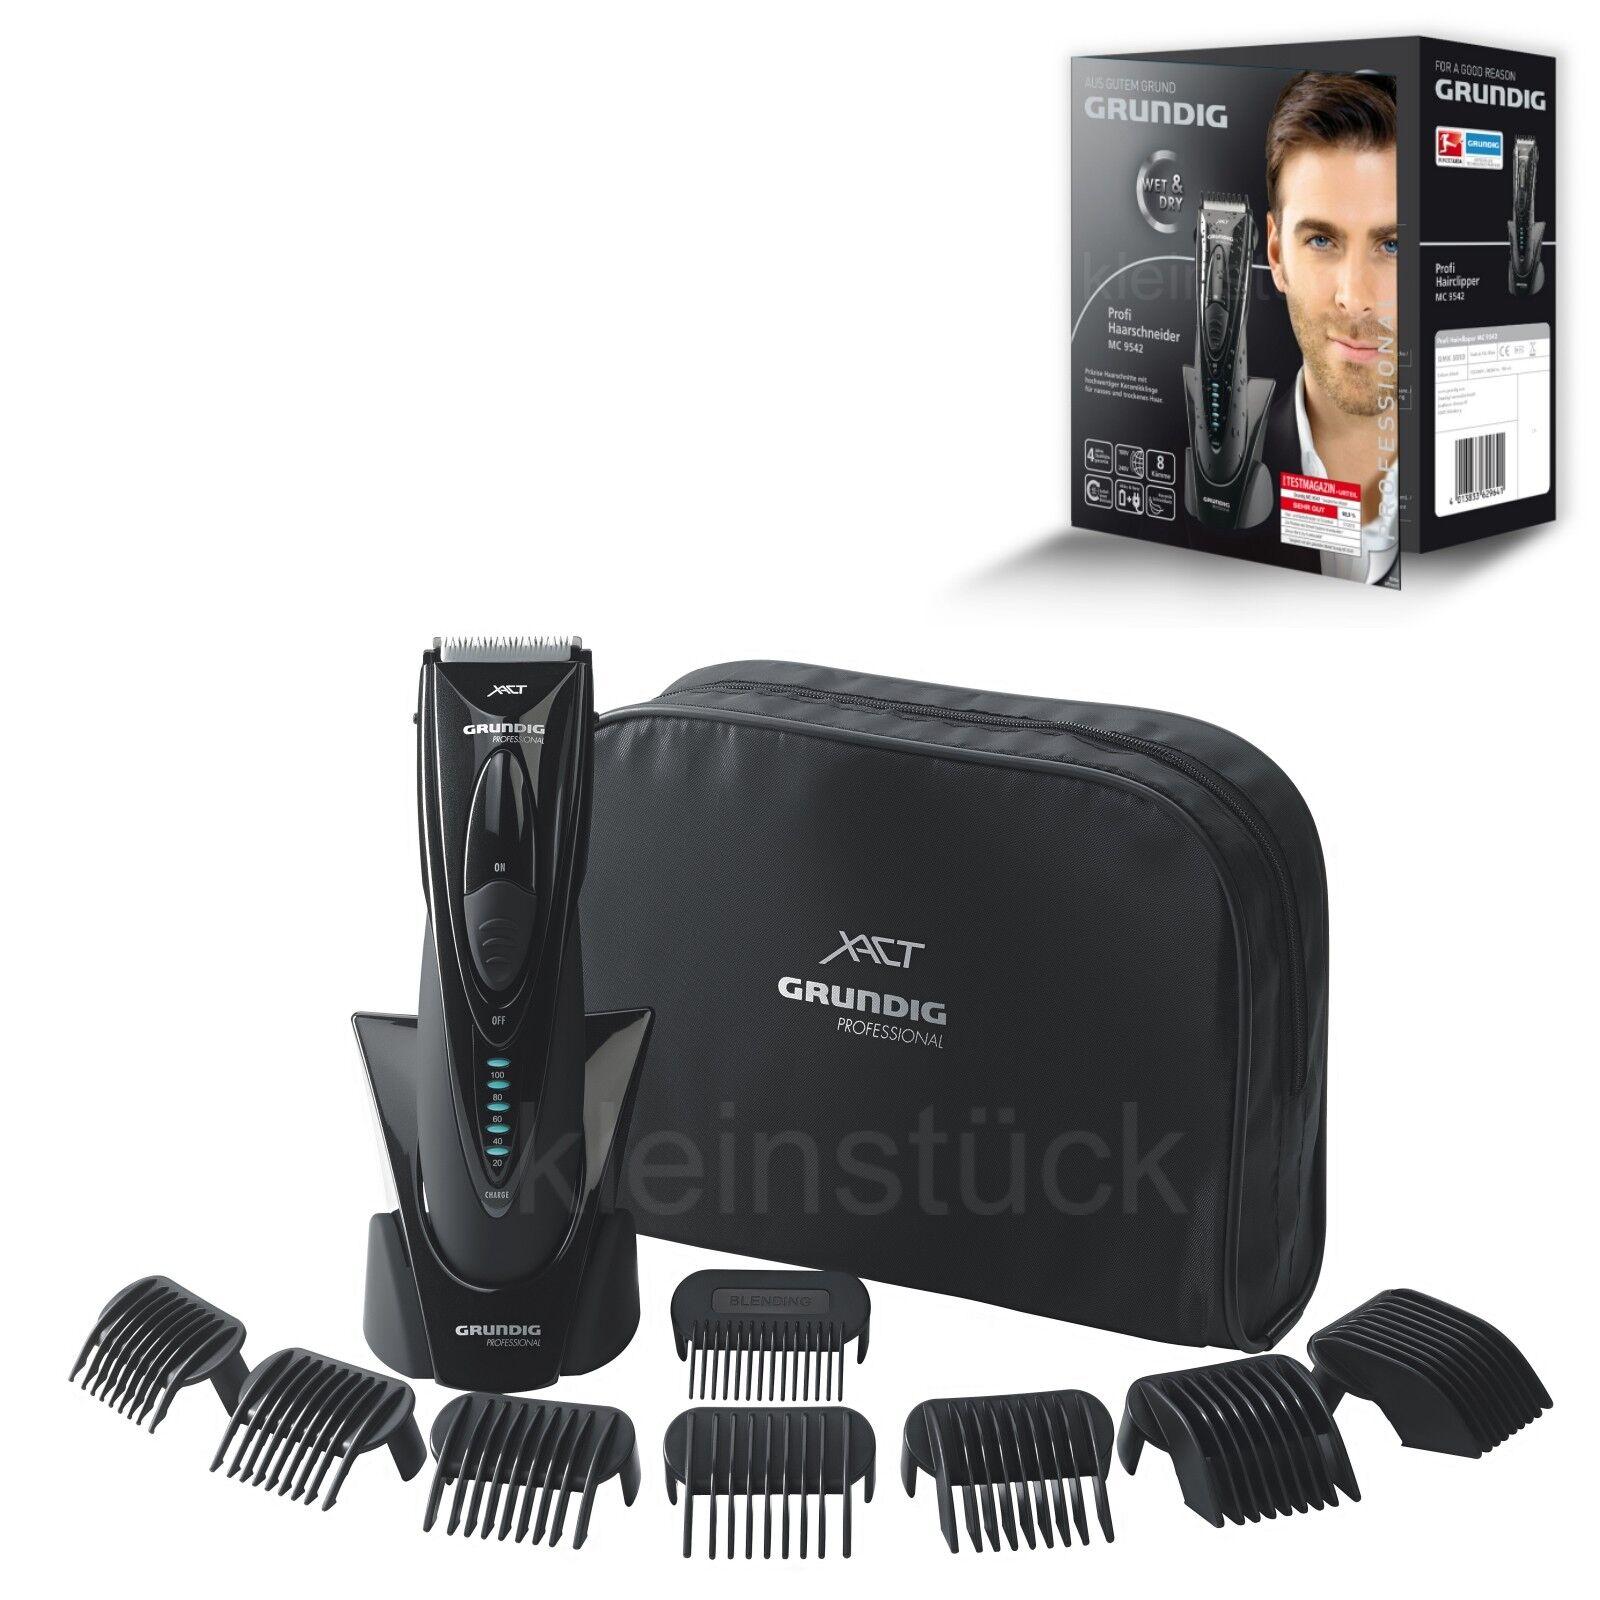 Grundig MC 9542 Haarschneider; Kabellos, Akku-Netz, PRO-Line, Wet & Dry